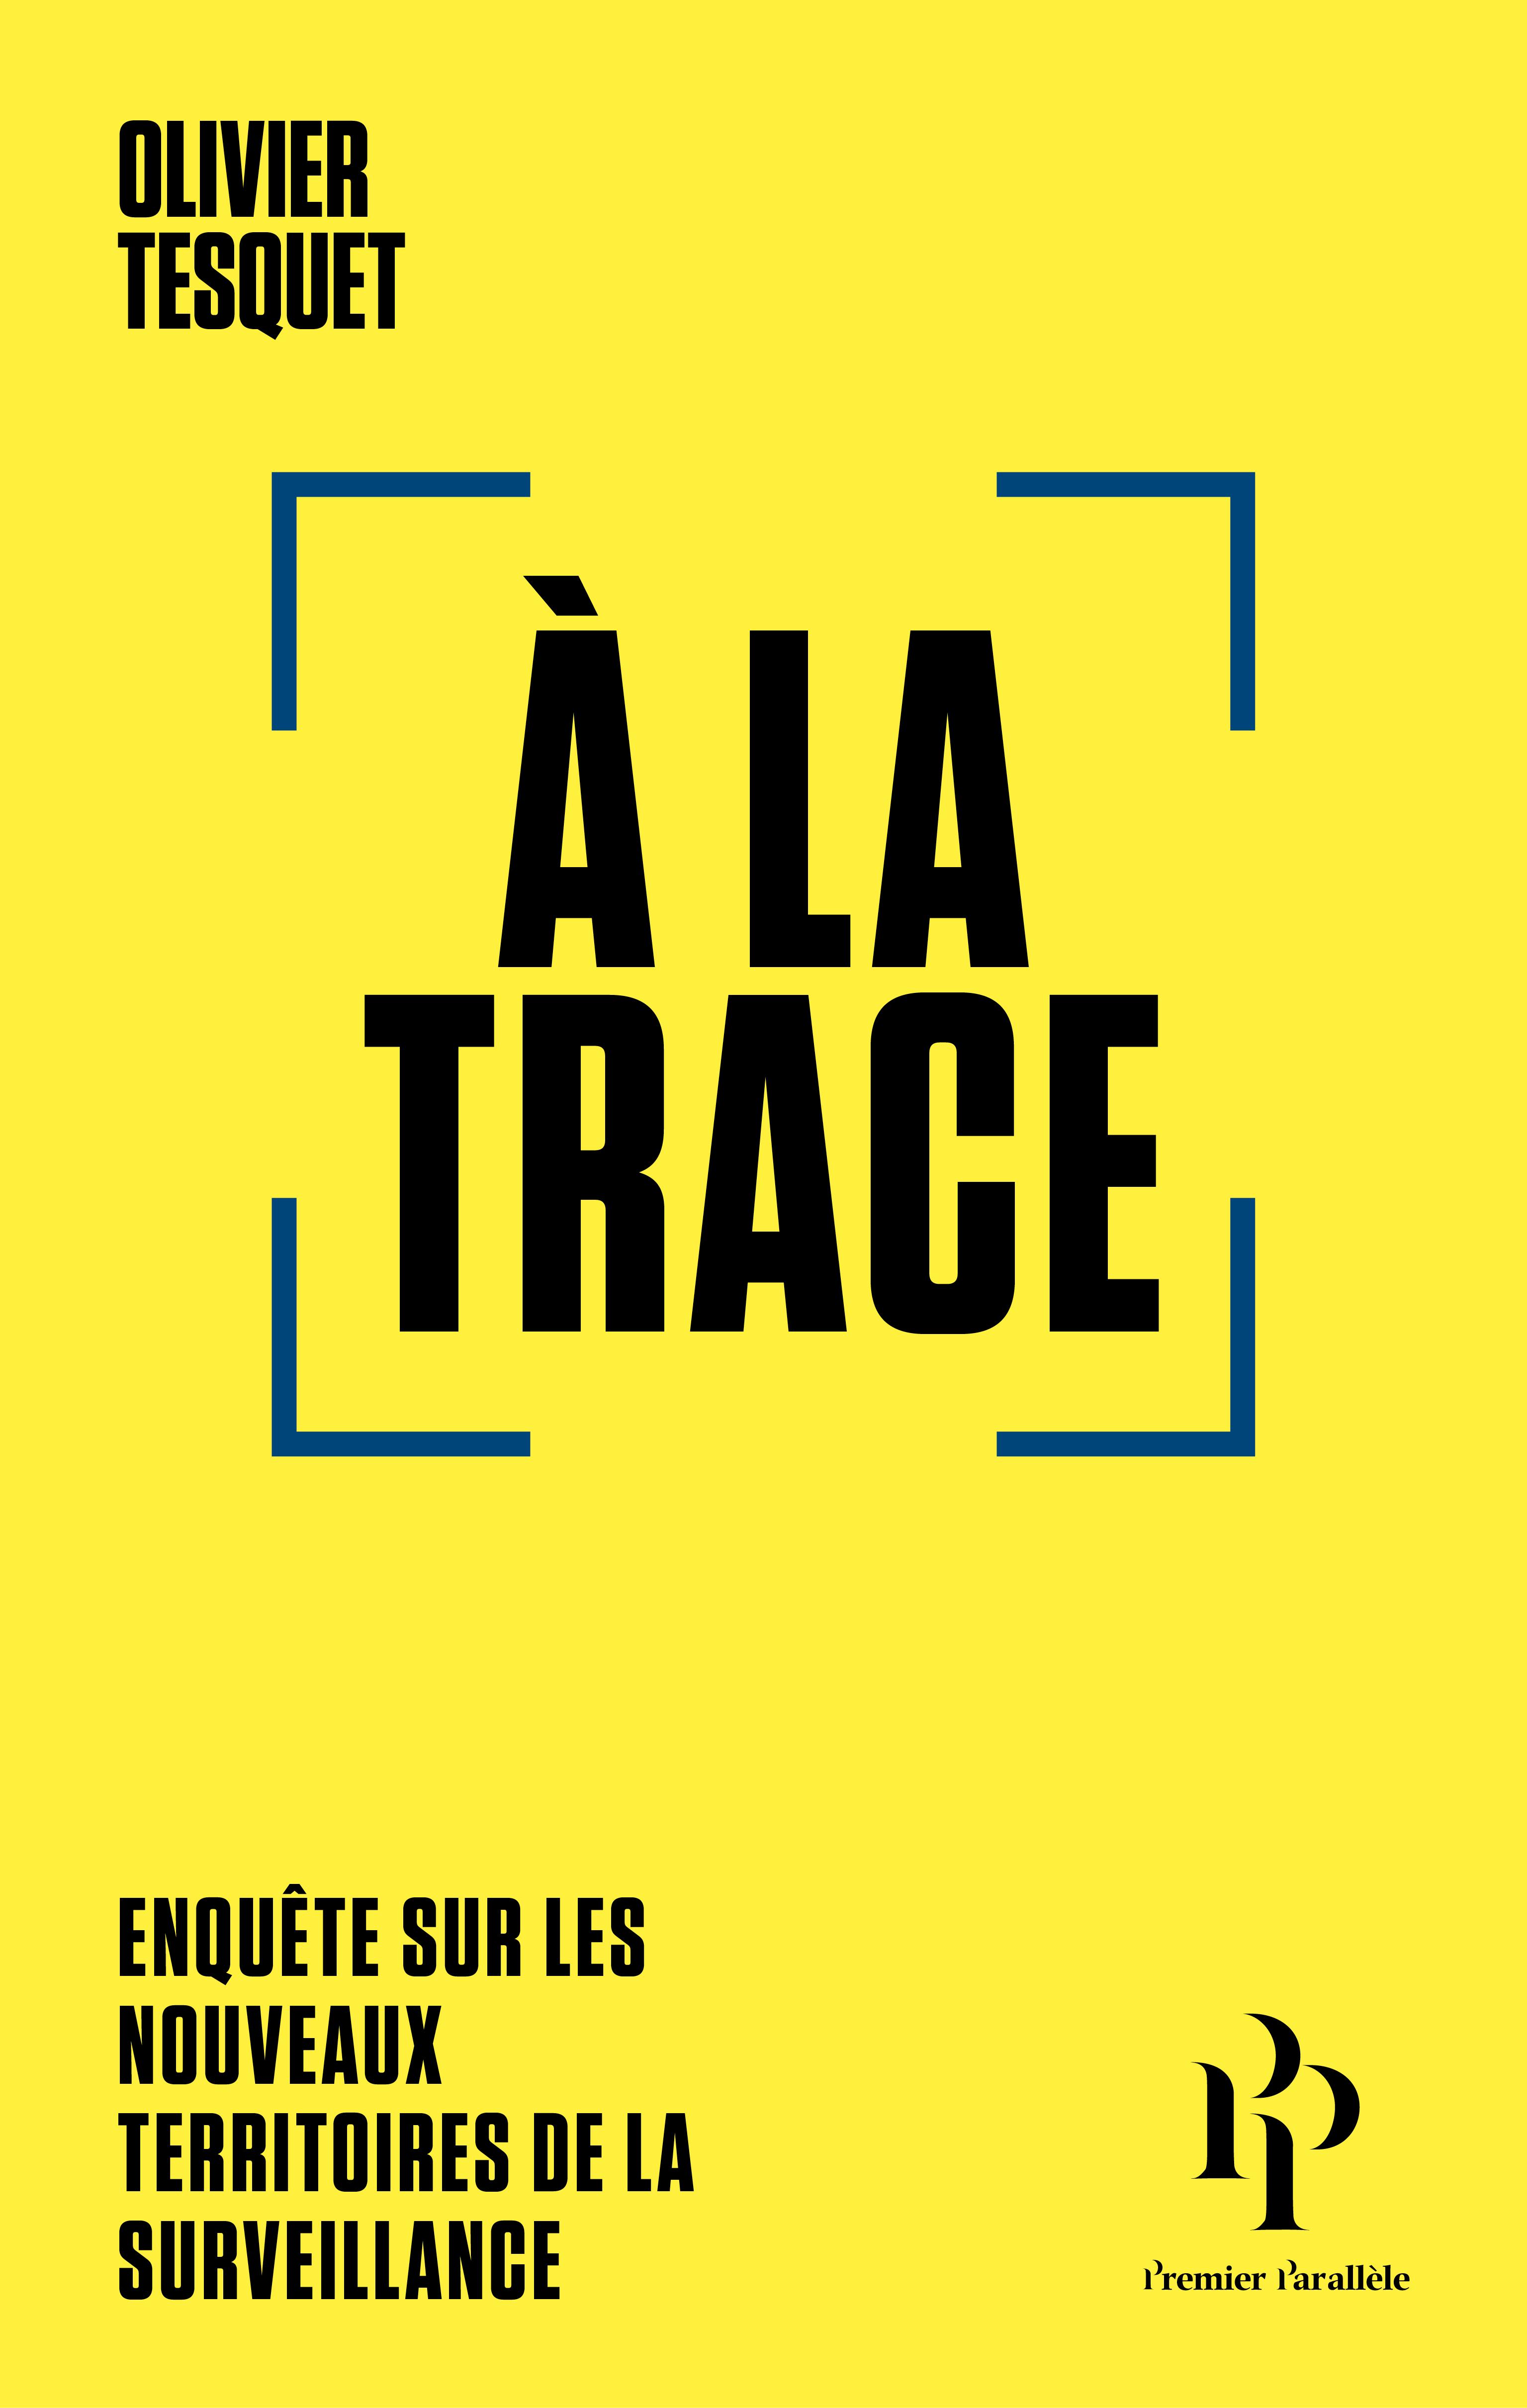 Couverture jaune de l'ouvrage A la trace